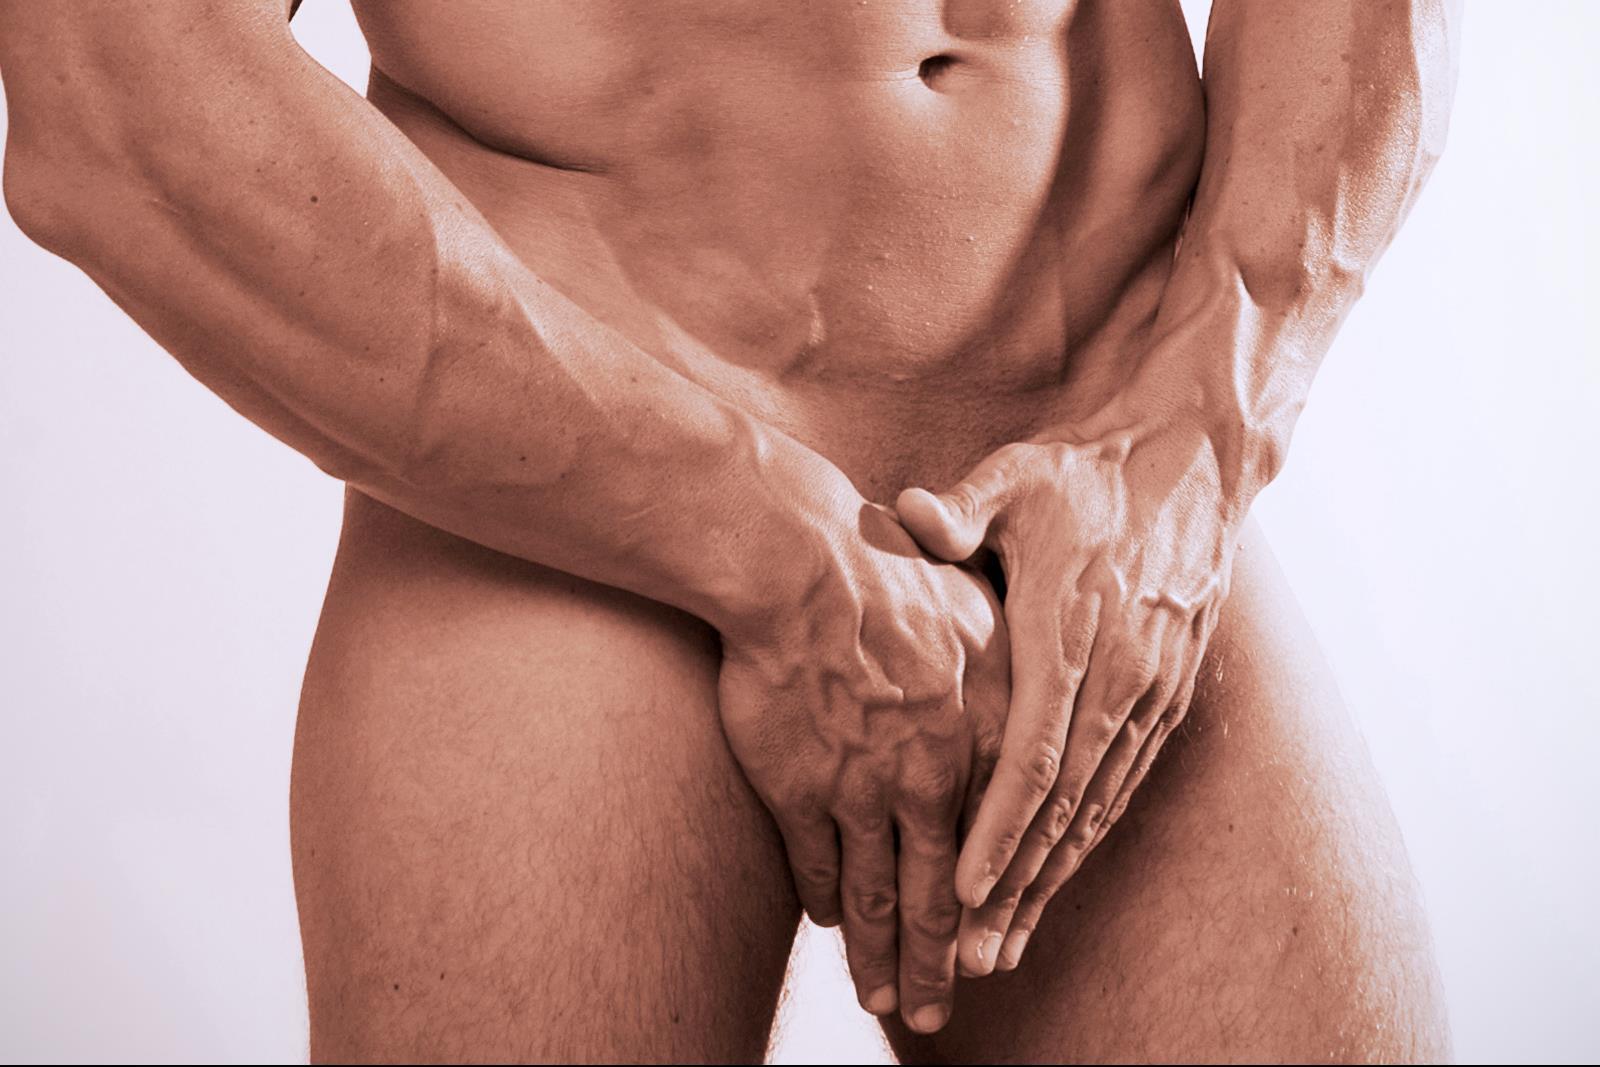 Peyronie-kór (A pénisz görbülete) tünetei és kezelése - HáziPatika